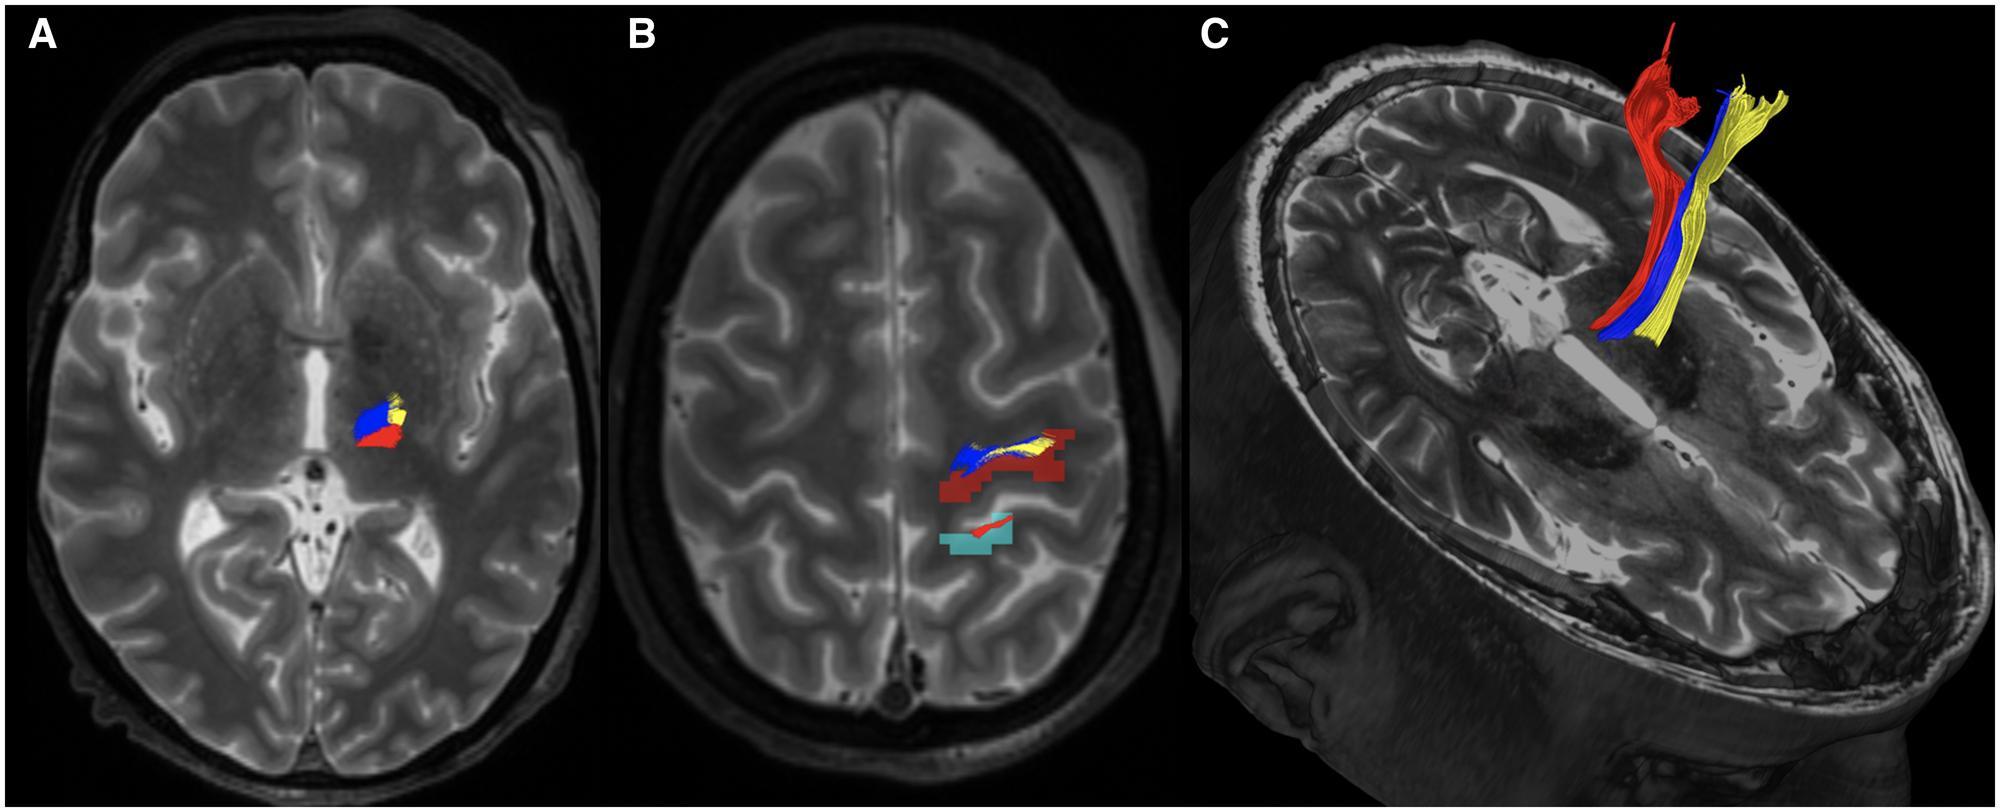 Методы МРТ помогут в лечении тремора при болезни Паркинсона